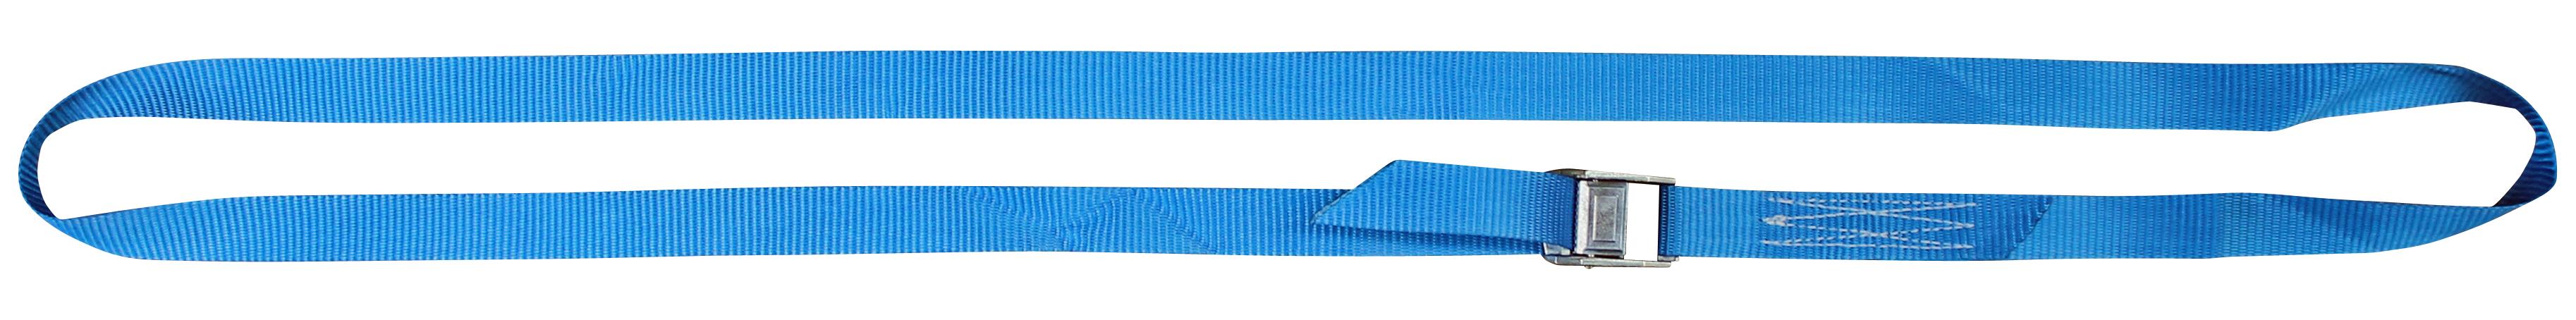 Klemmschloss Gurt 25 mm mit Stahl Klemmschloß